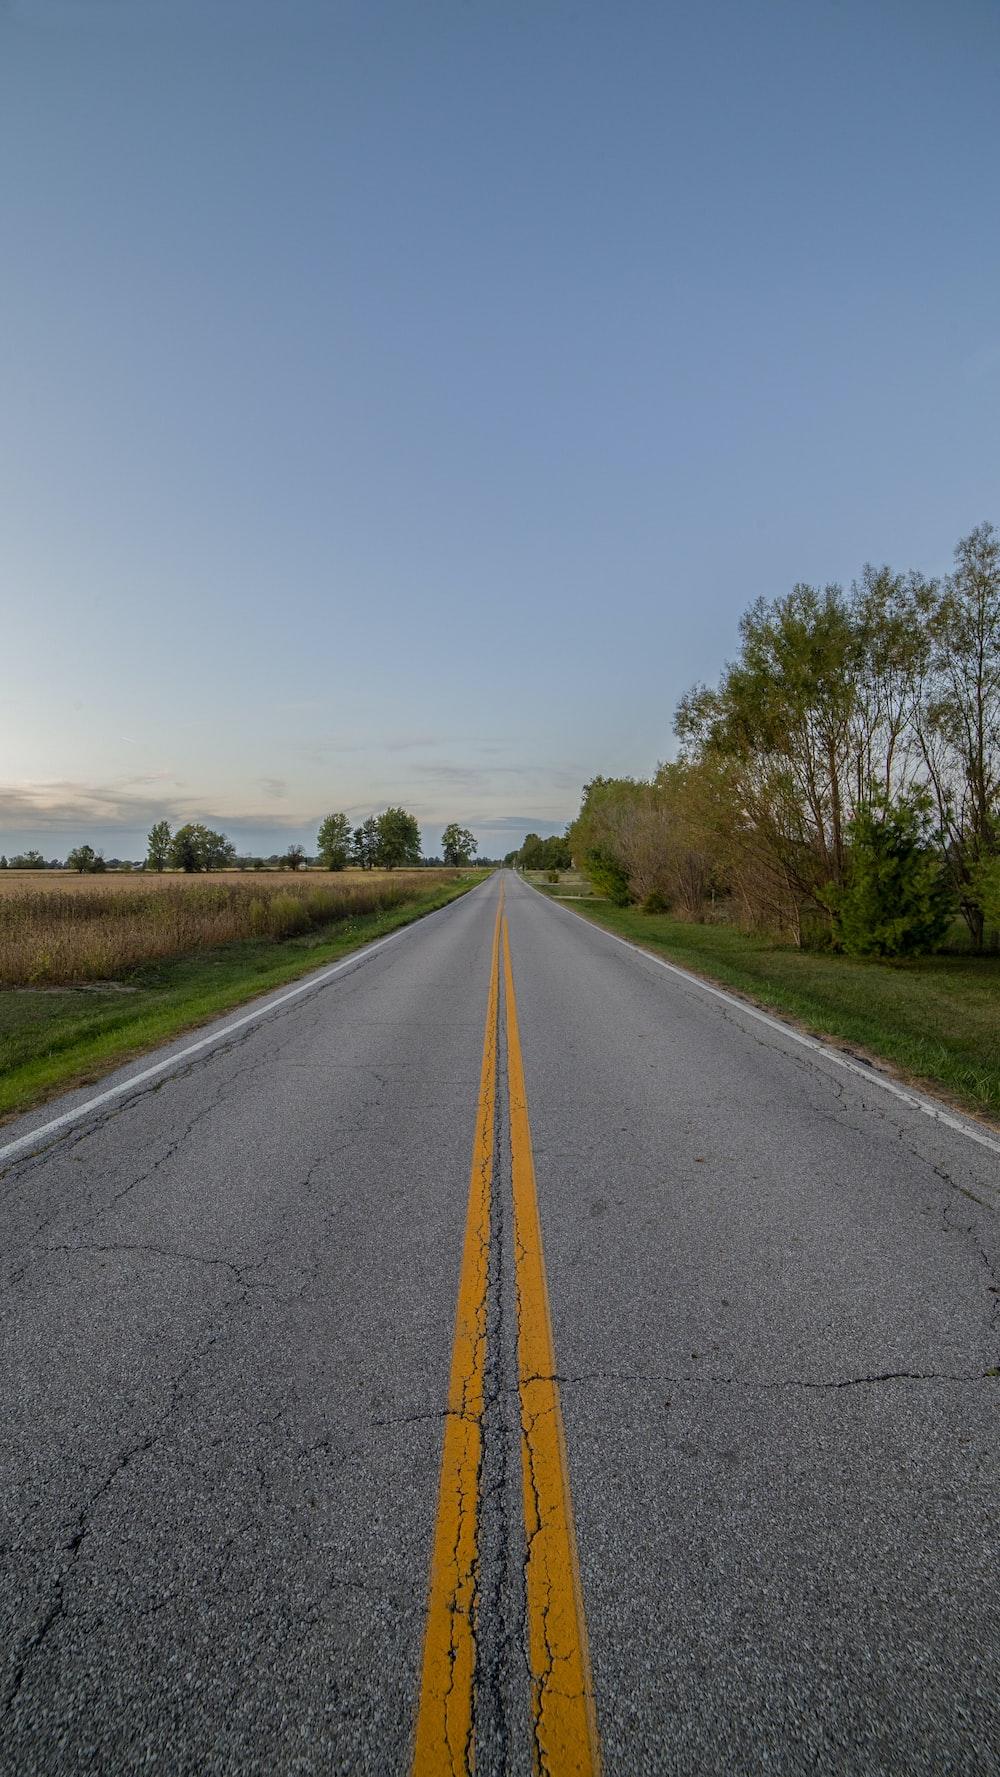 gray concrete road near green grass field